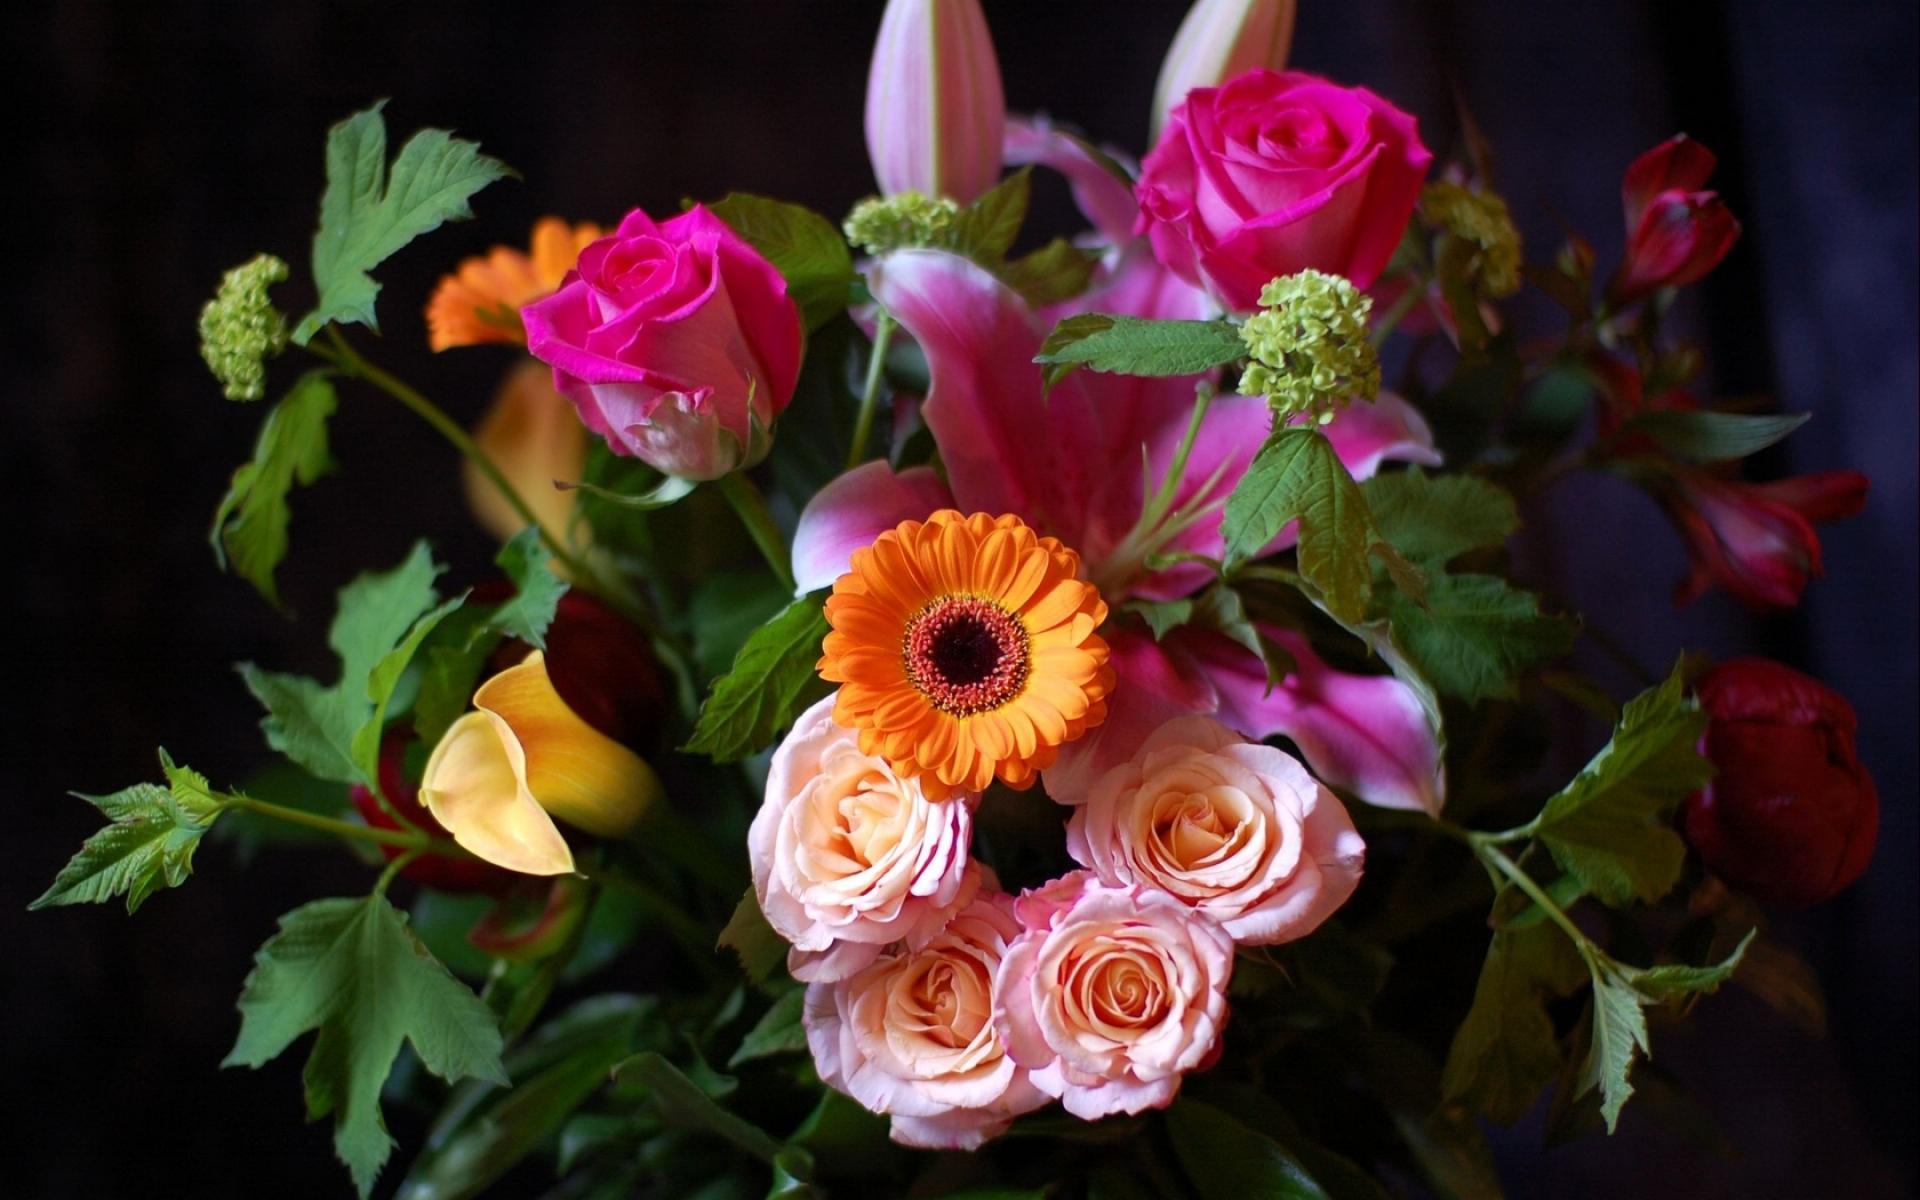 Картинки Розы, герберы, лилии, цветы, куча, шарм фото и обои на рабочий стол